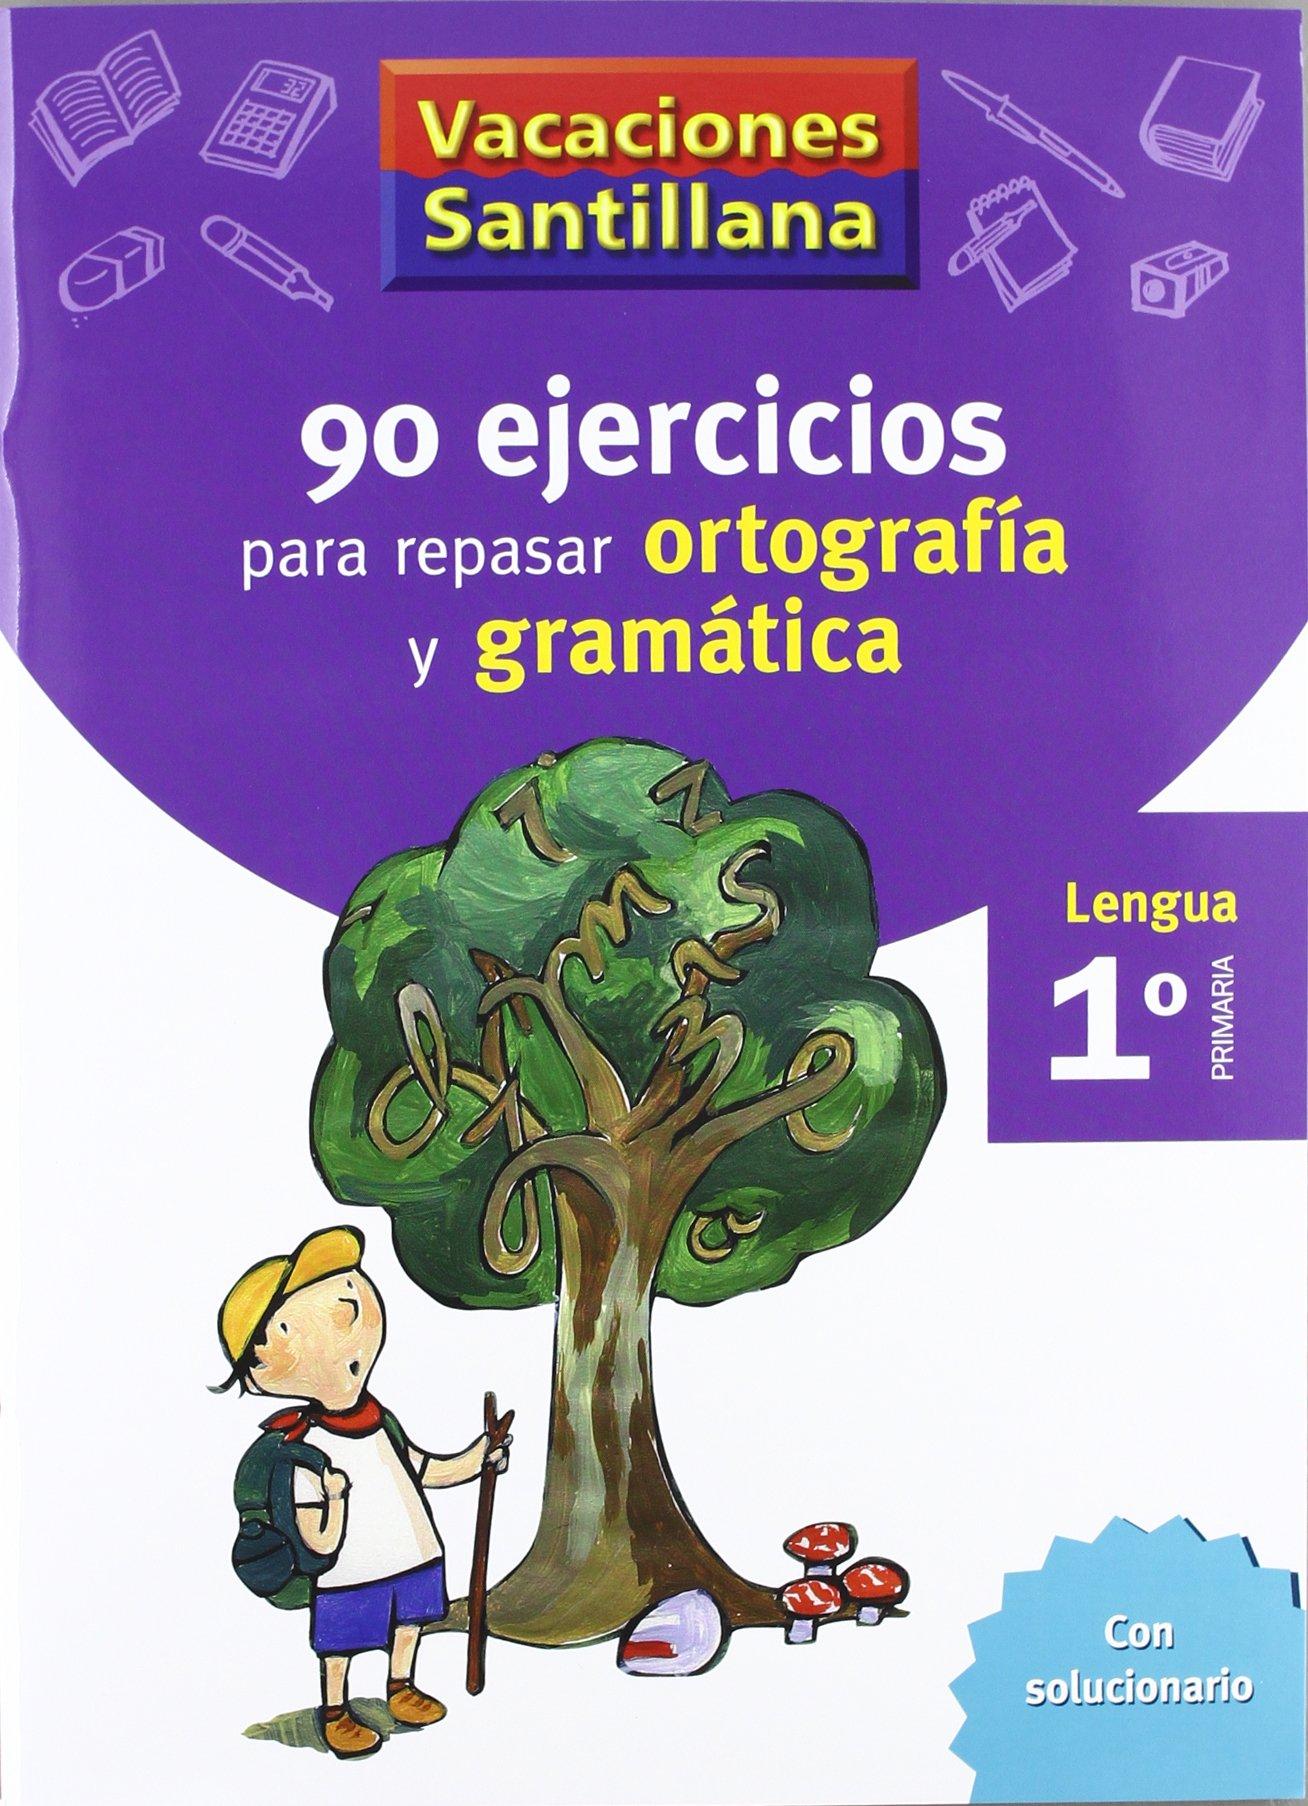 Vacaciones Santillana 1 Primaria 90 Ejercicios Para Repasar Ortografia Y Gramatica Spanish Edition Santillana S L 9788429407563 Books